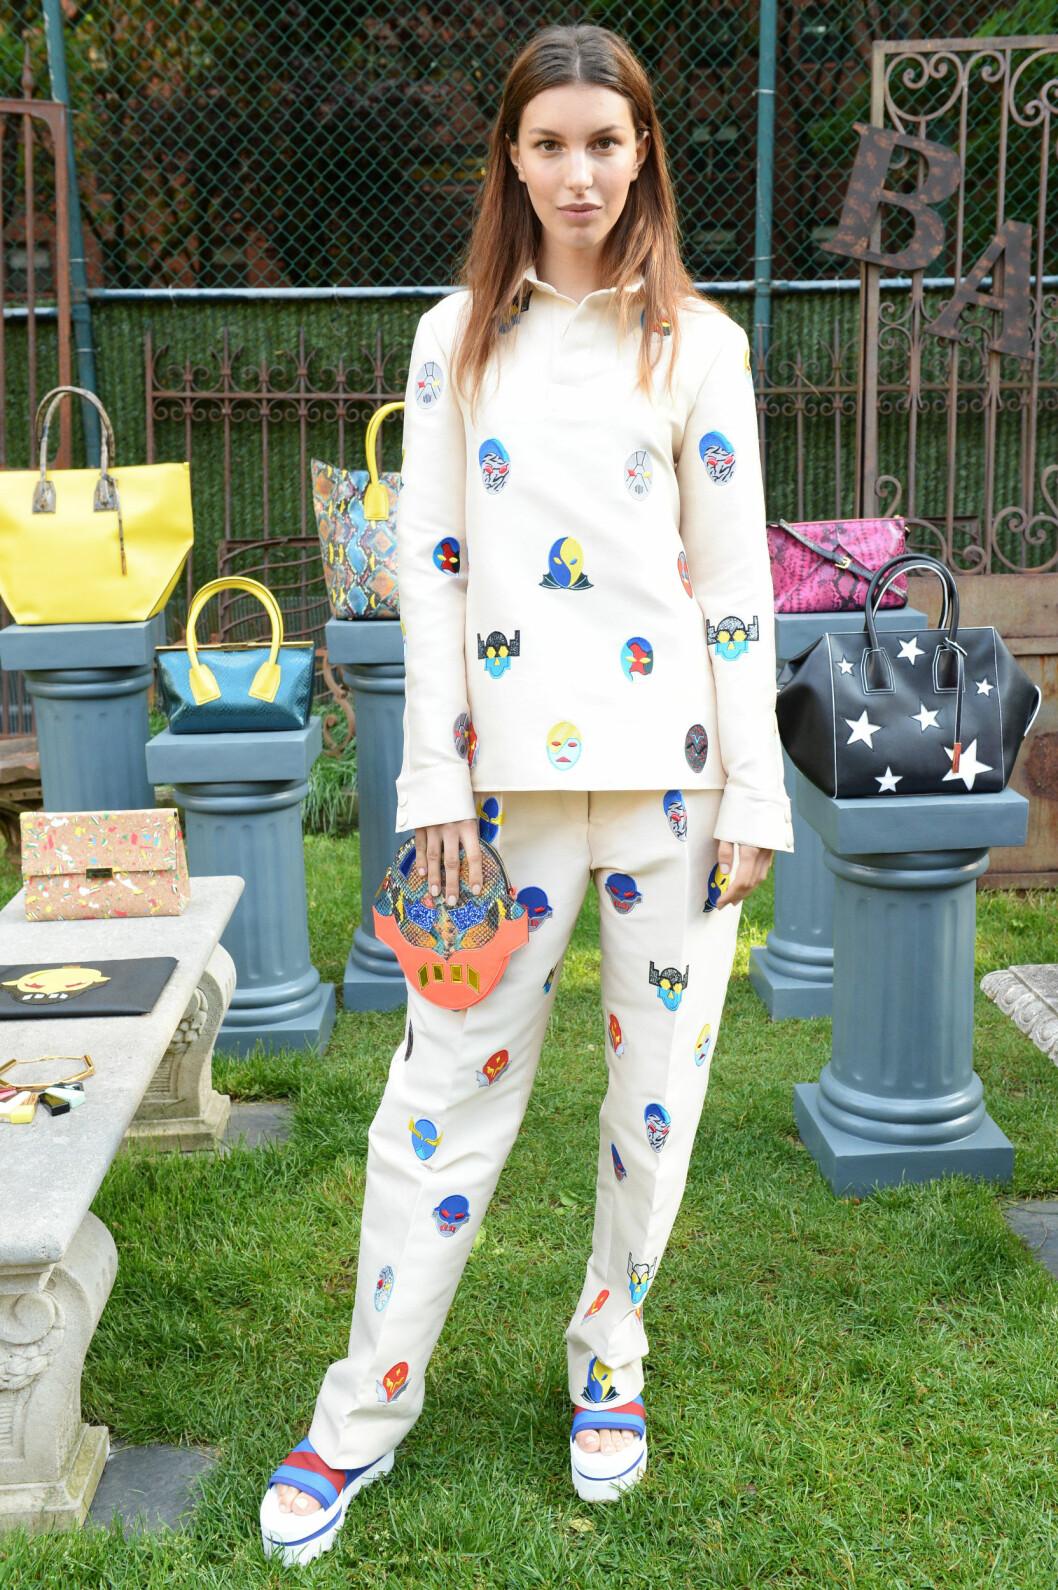 PRINT MED SMÅ FARGERIKE SUPERHELTER: Stella McCartney liker å ha med humoristiske detlajer i sine kolleksjoner, og disse glade små ansiktene er hennes superhelter for superkvinner, har hun sgat til Vogue.com.  Foto: Splash News/ All Over Press